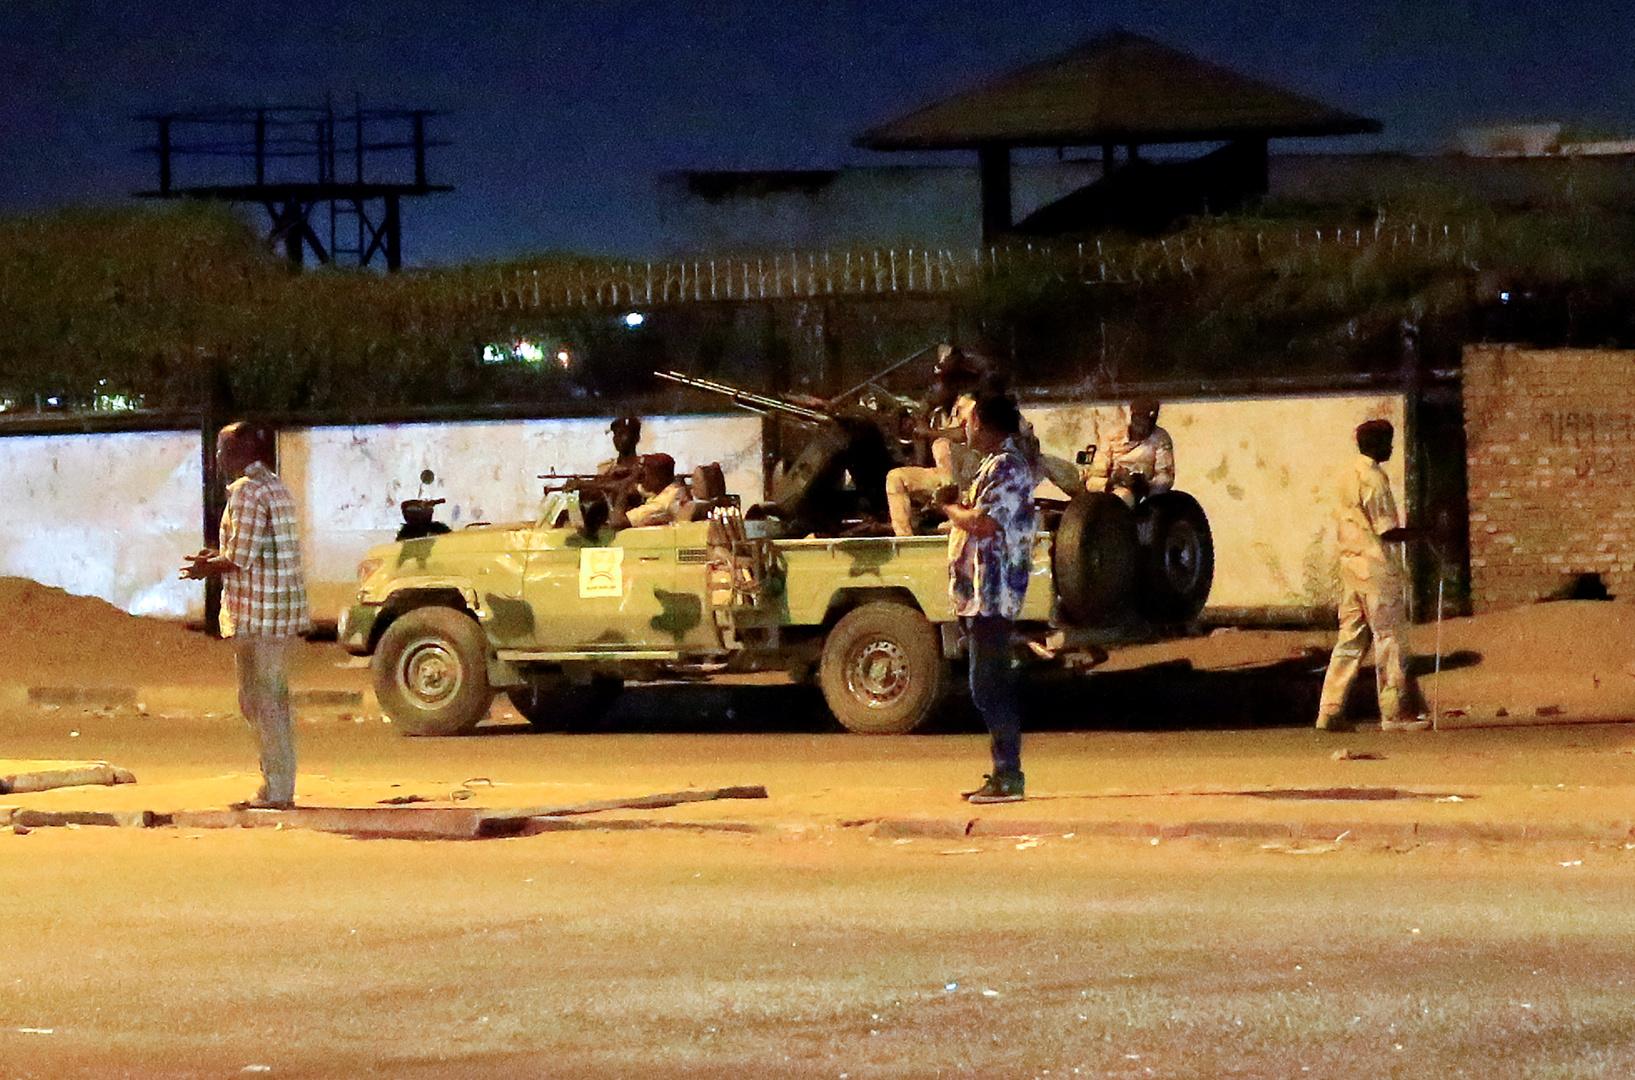 إطلاق نار كثيف في أنحاء متفرقة من الخرطوم والجيش السوداني يتصدى لـ